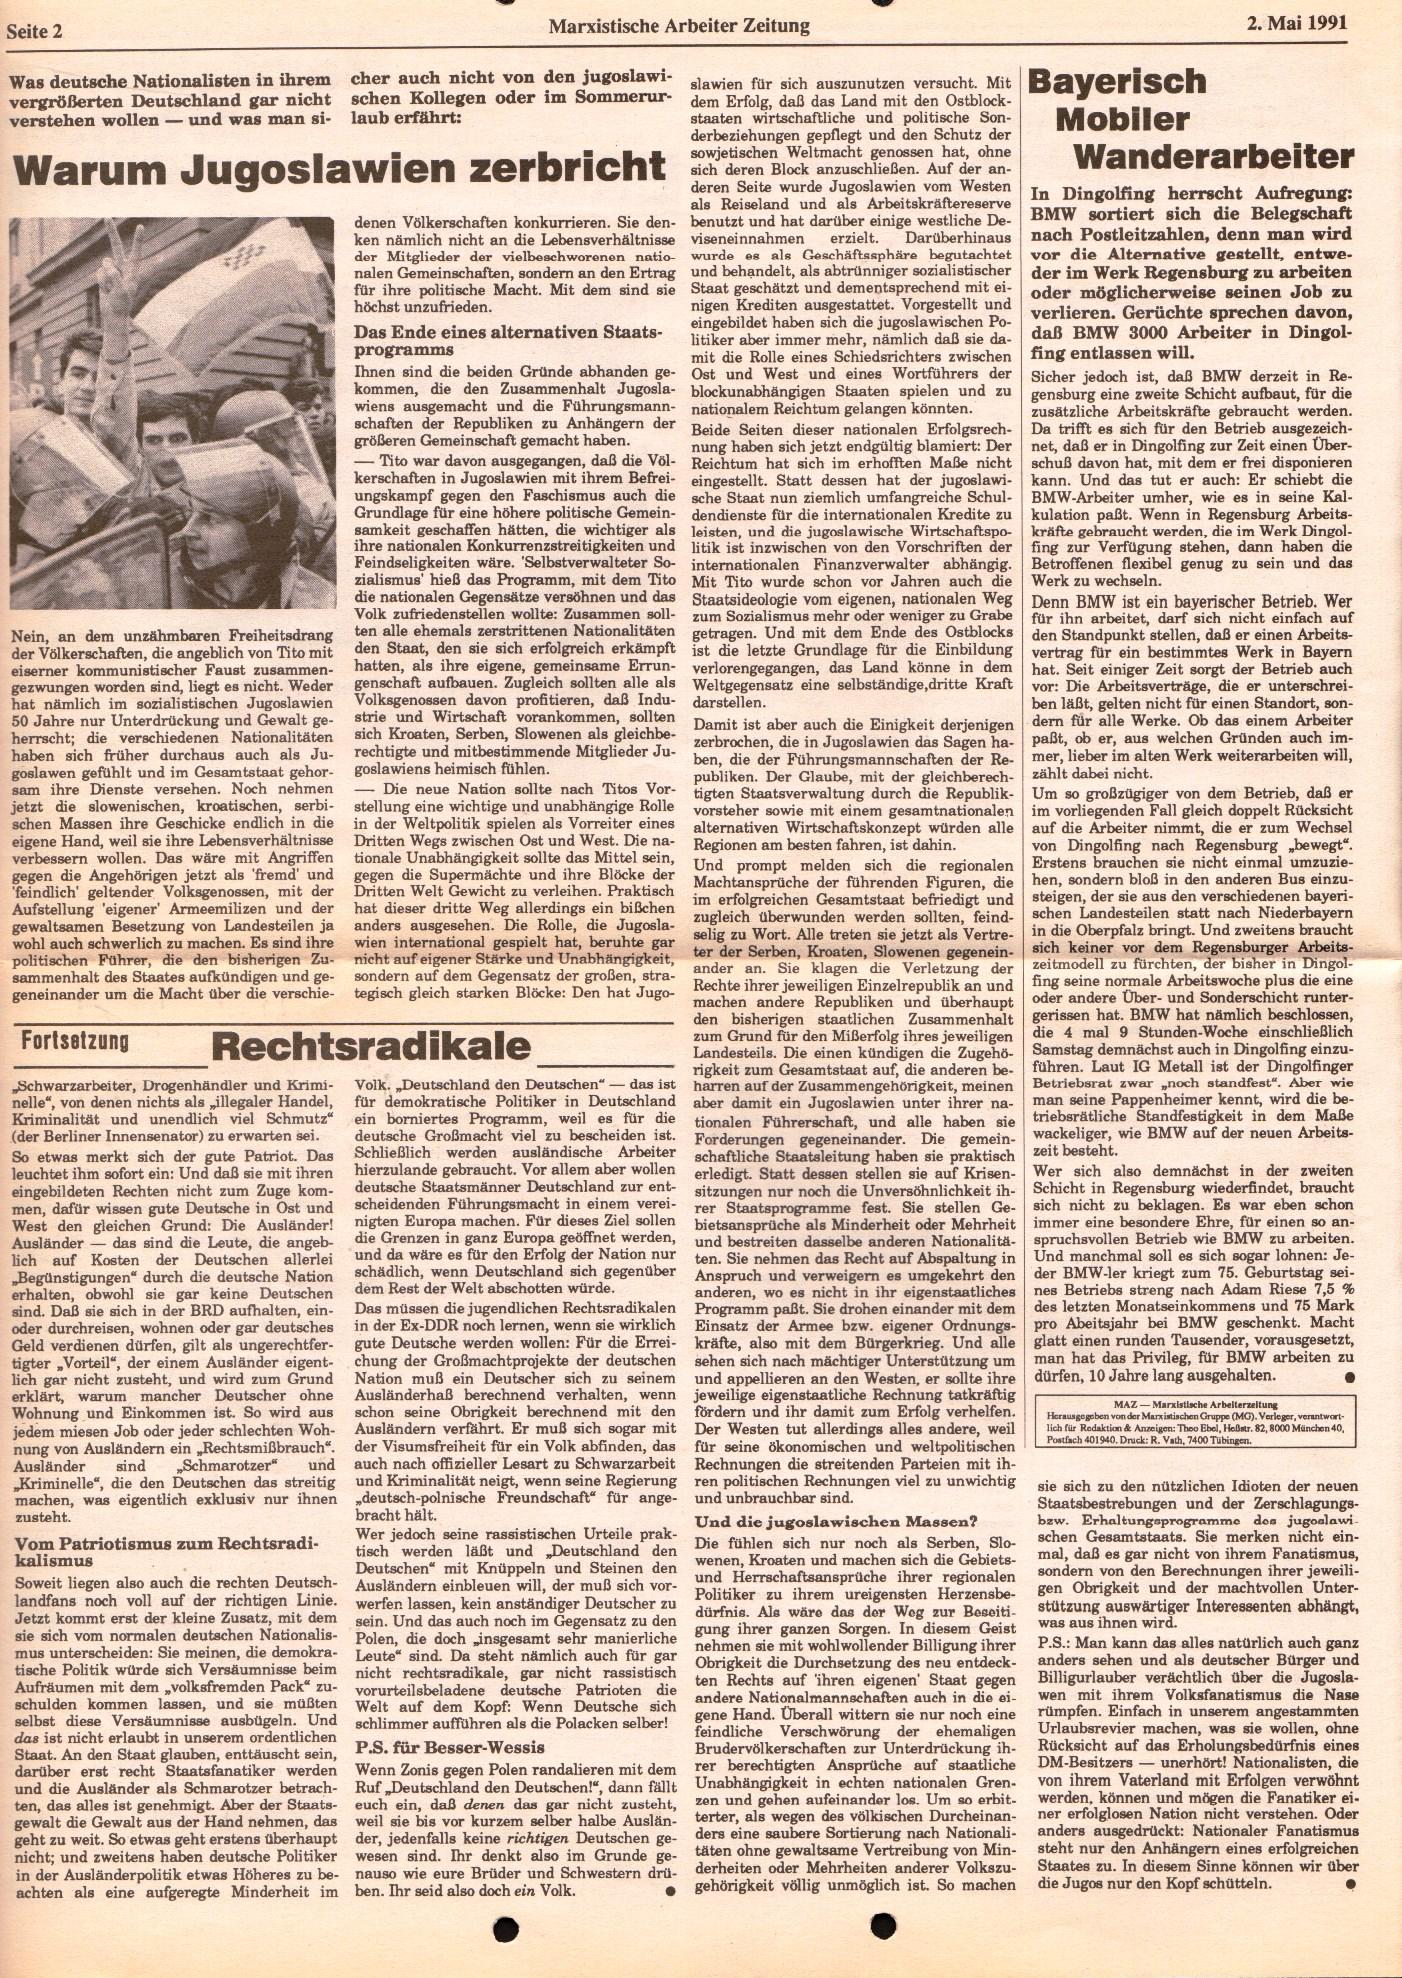 BW_MG_Marxistische_Arbeiterzeitung_19910502_02